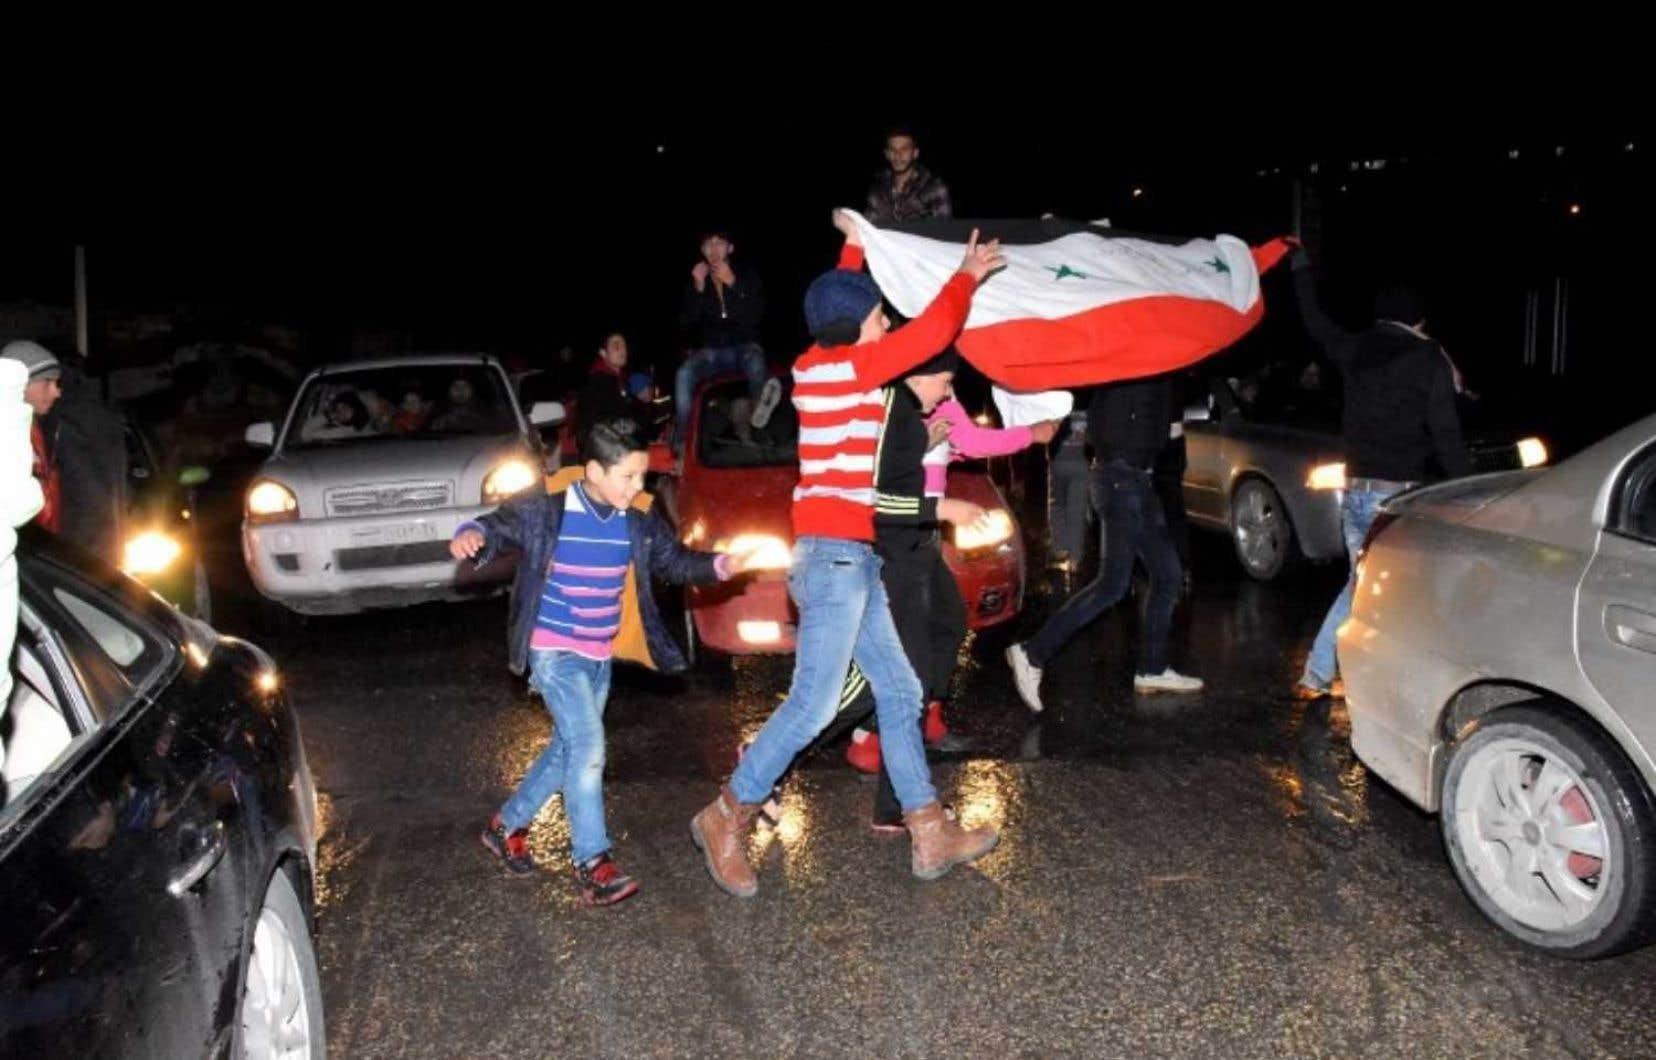 Le conflit syrien a fait plus de 310000 morts en cinq ans et déplacé la moitié de la population d'avant 2011.